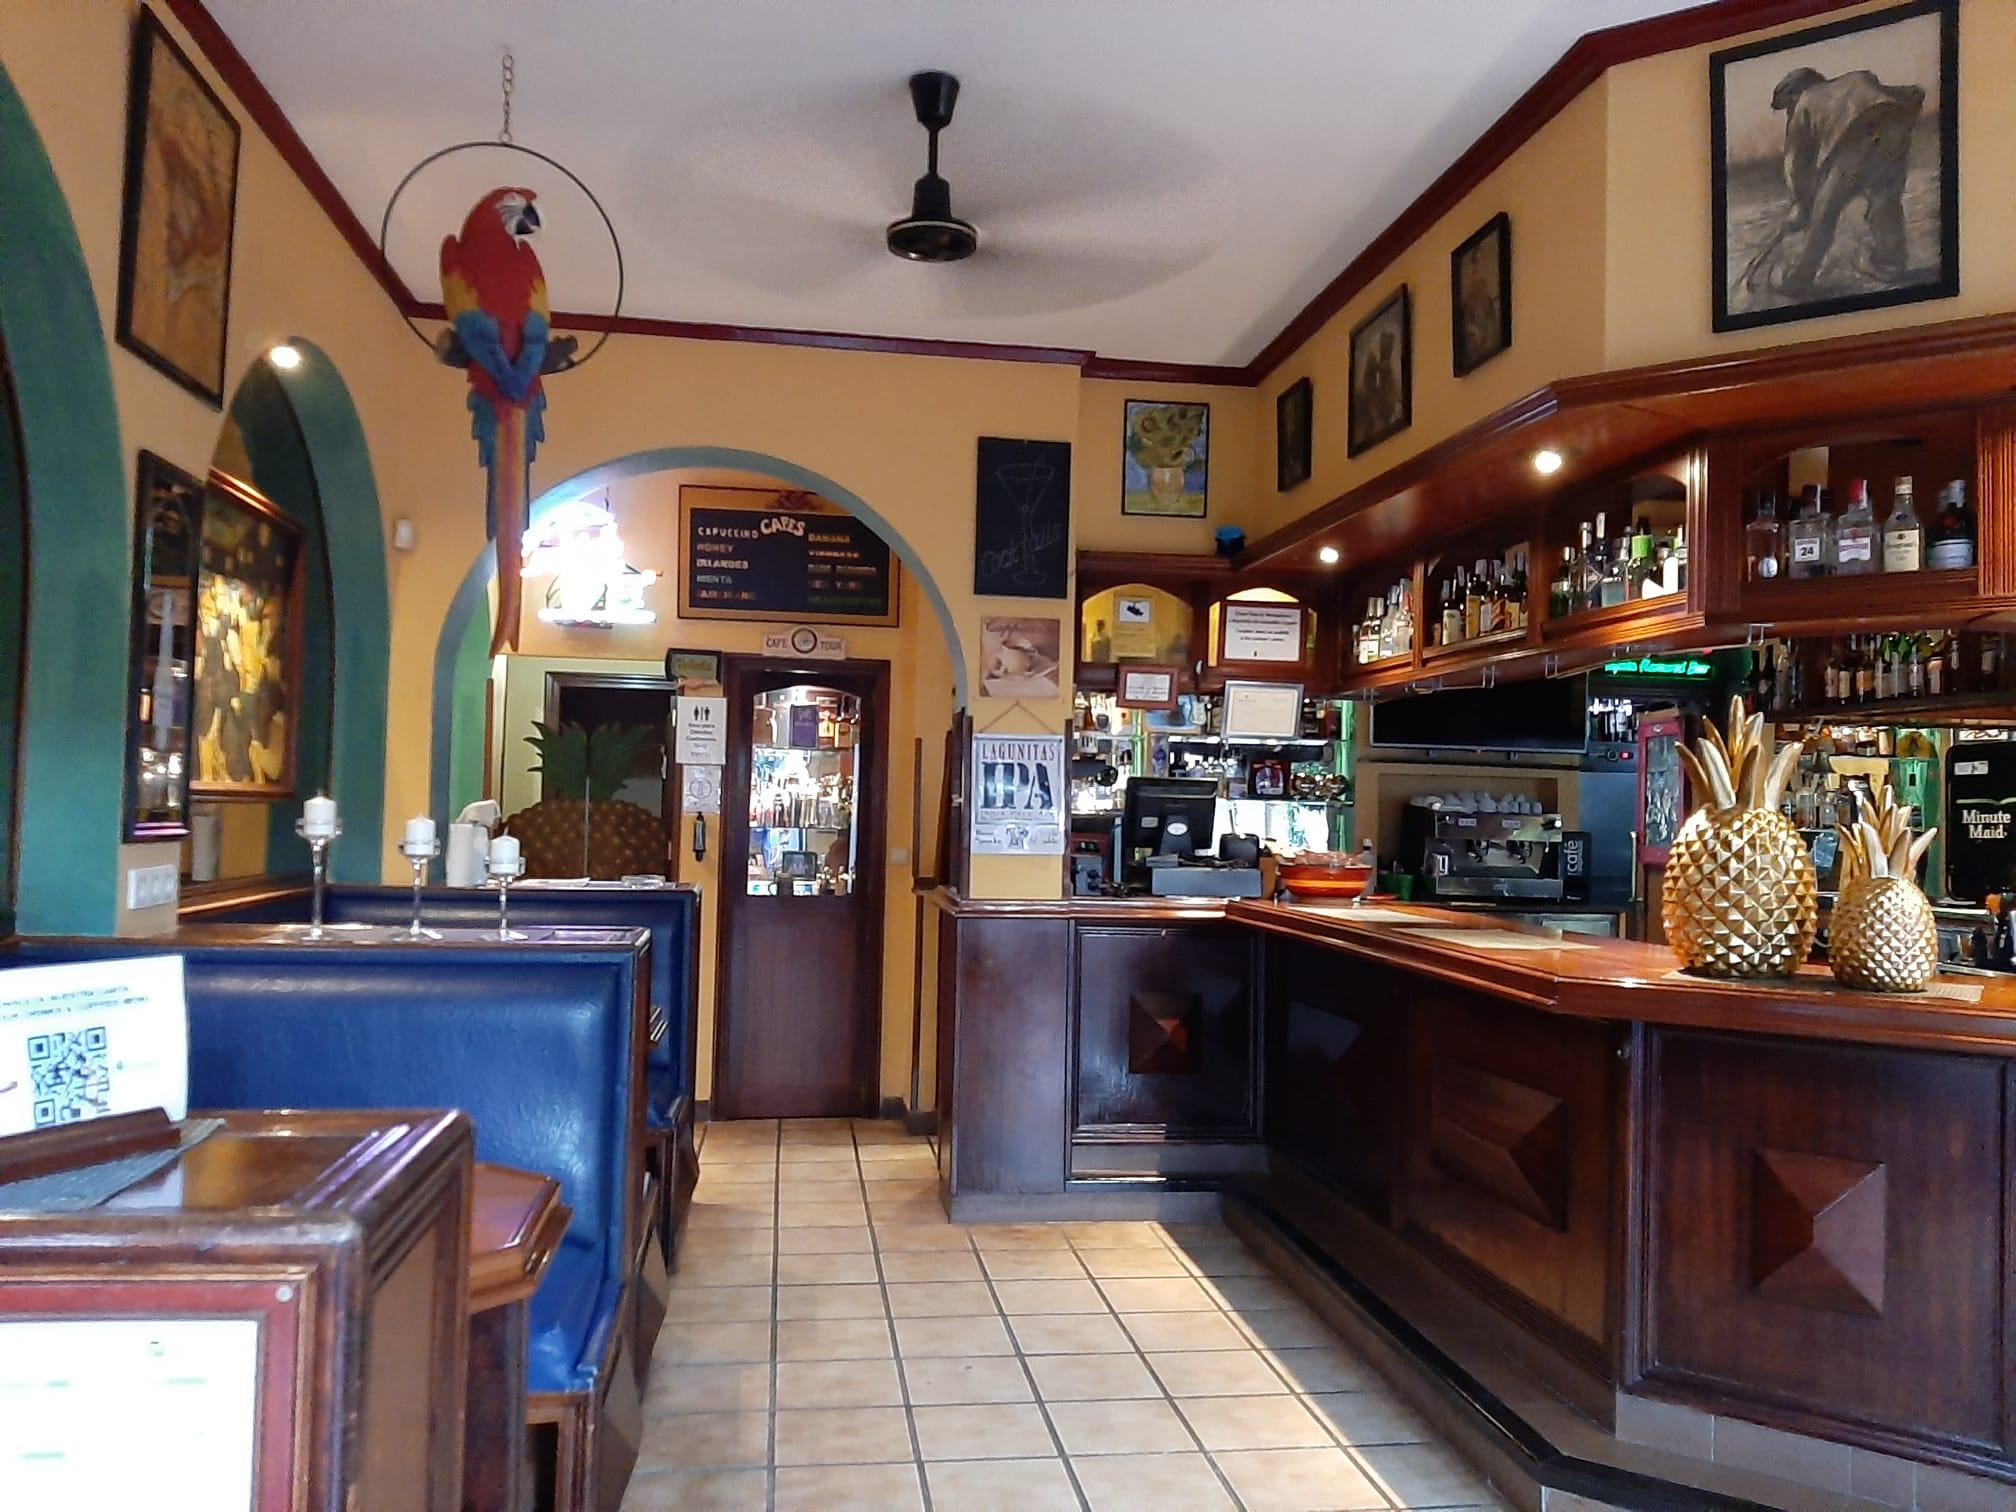 van-gogh-pub-interior-acceso